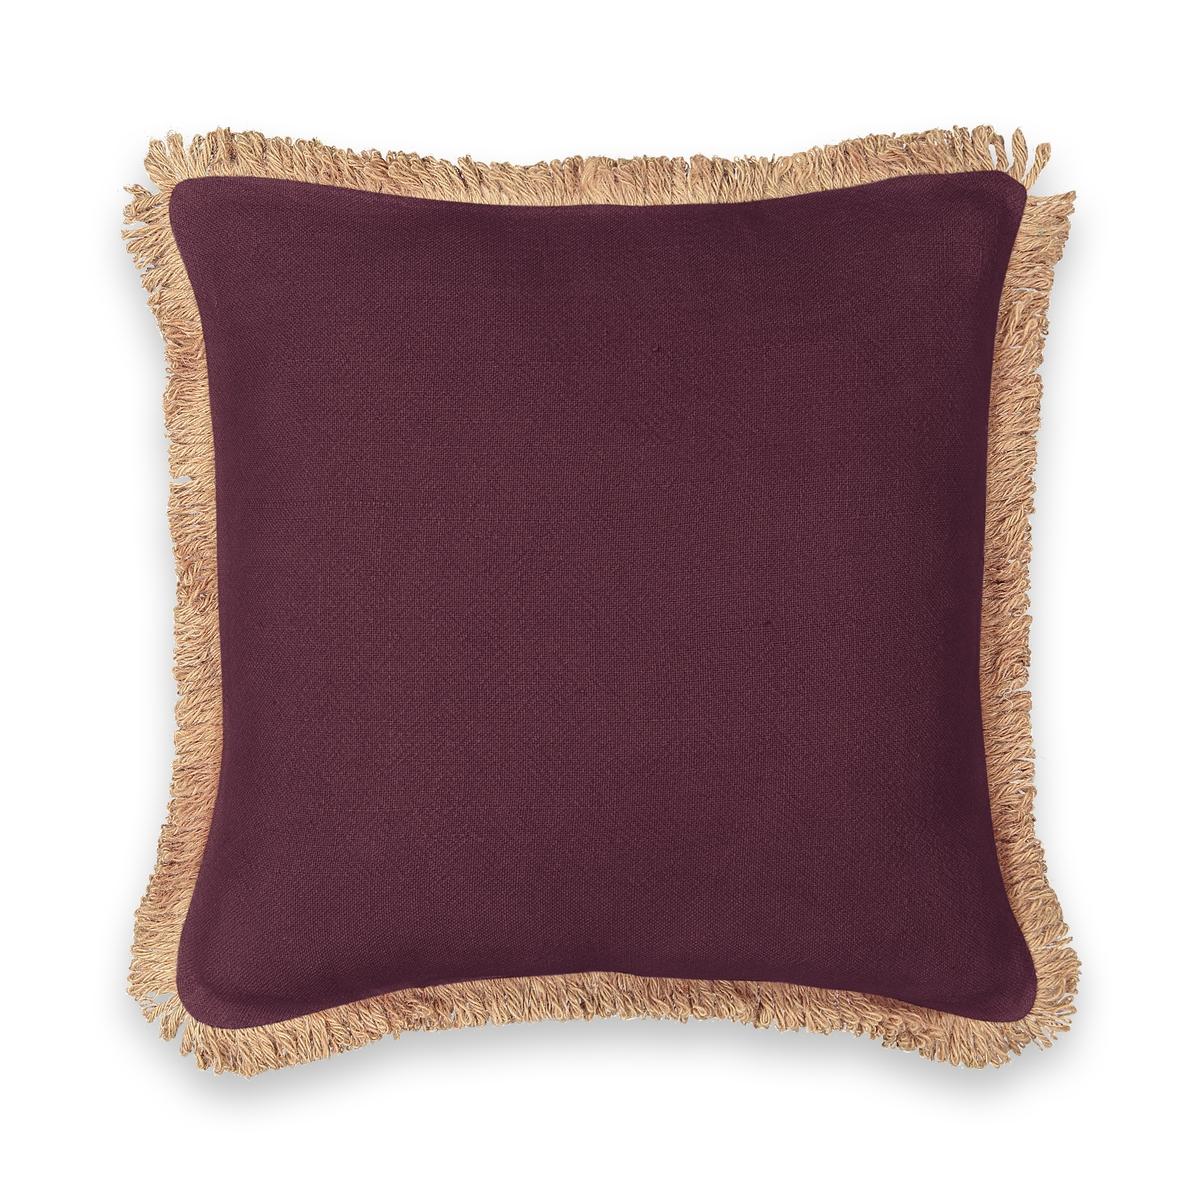 Чехол LaRedoute На подушку из джута Jutty 50 x 30 см розовый